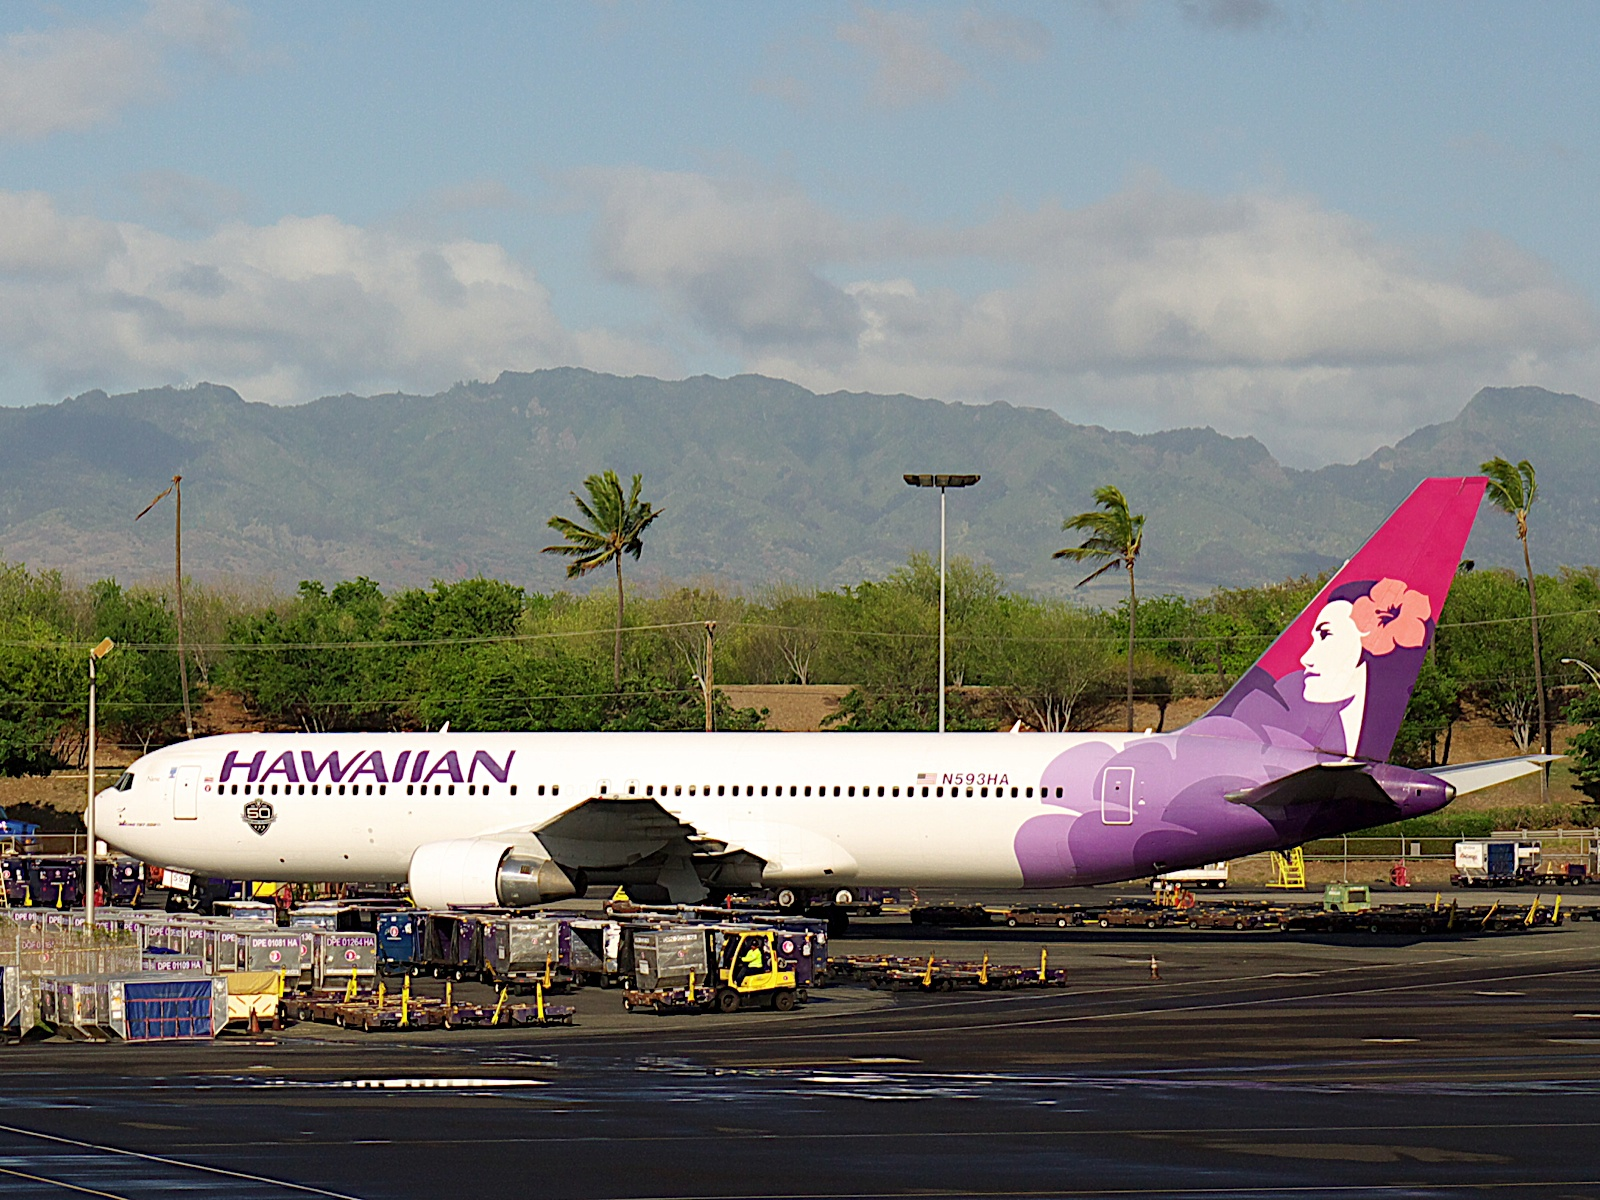 ミチヨの海外旅行 ハワイ島へ出発